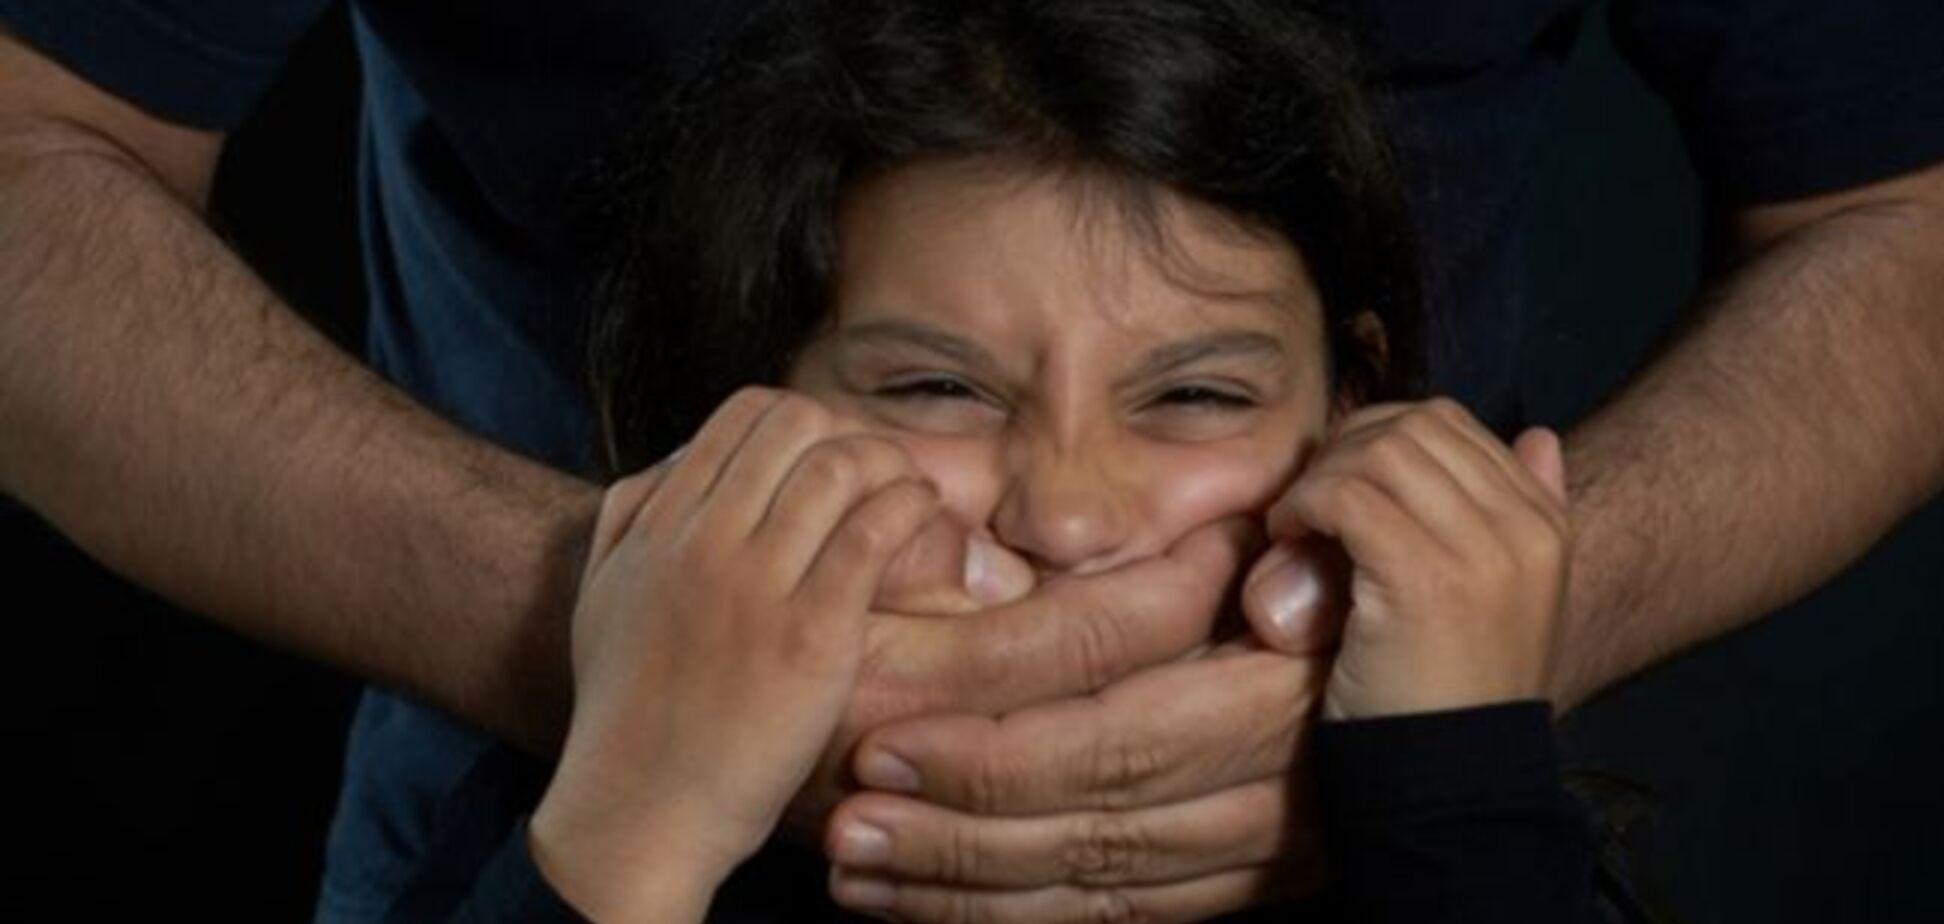 На Дніпропетровщині розшукують педофіла, який зґвалтував двох школярок: складено фоторобот